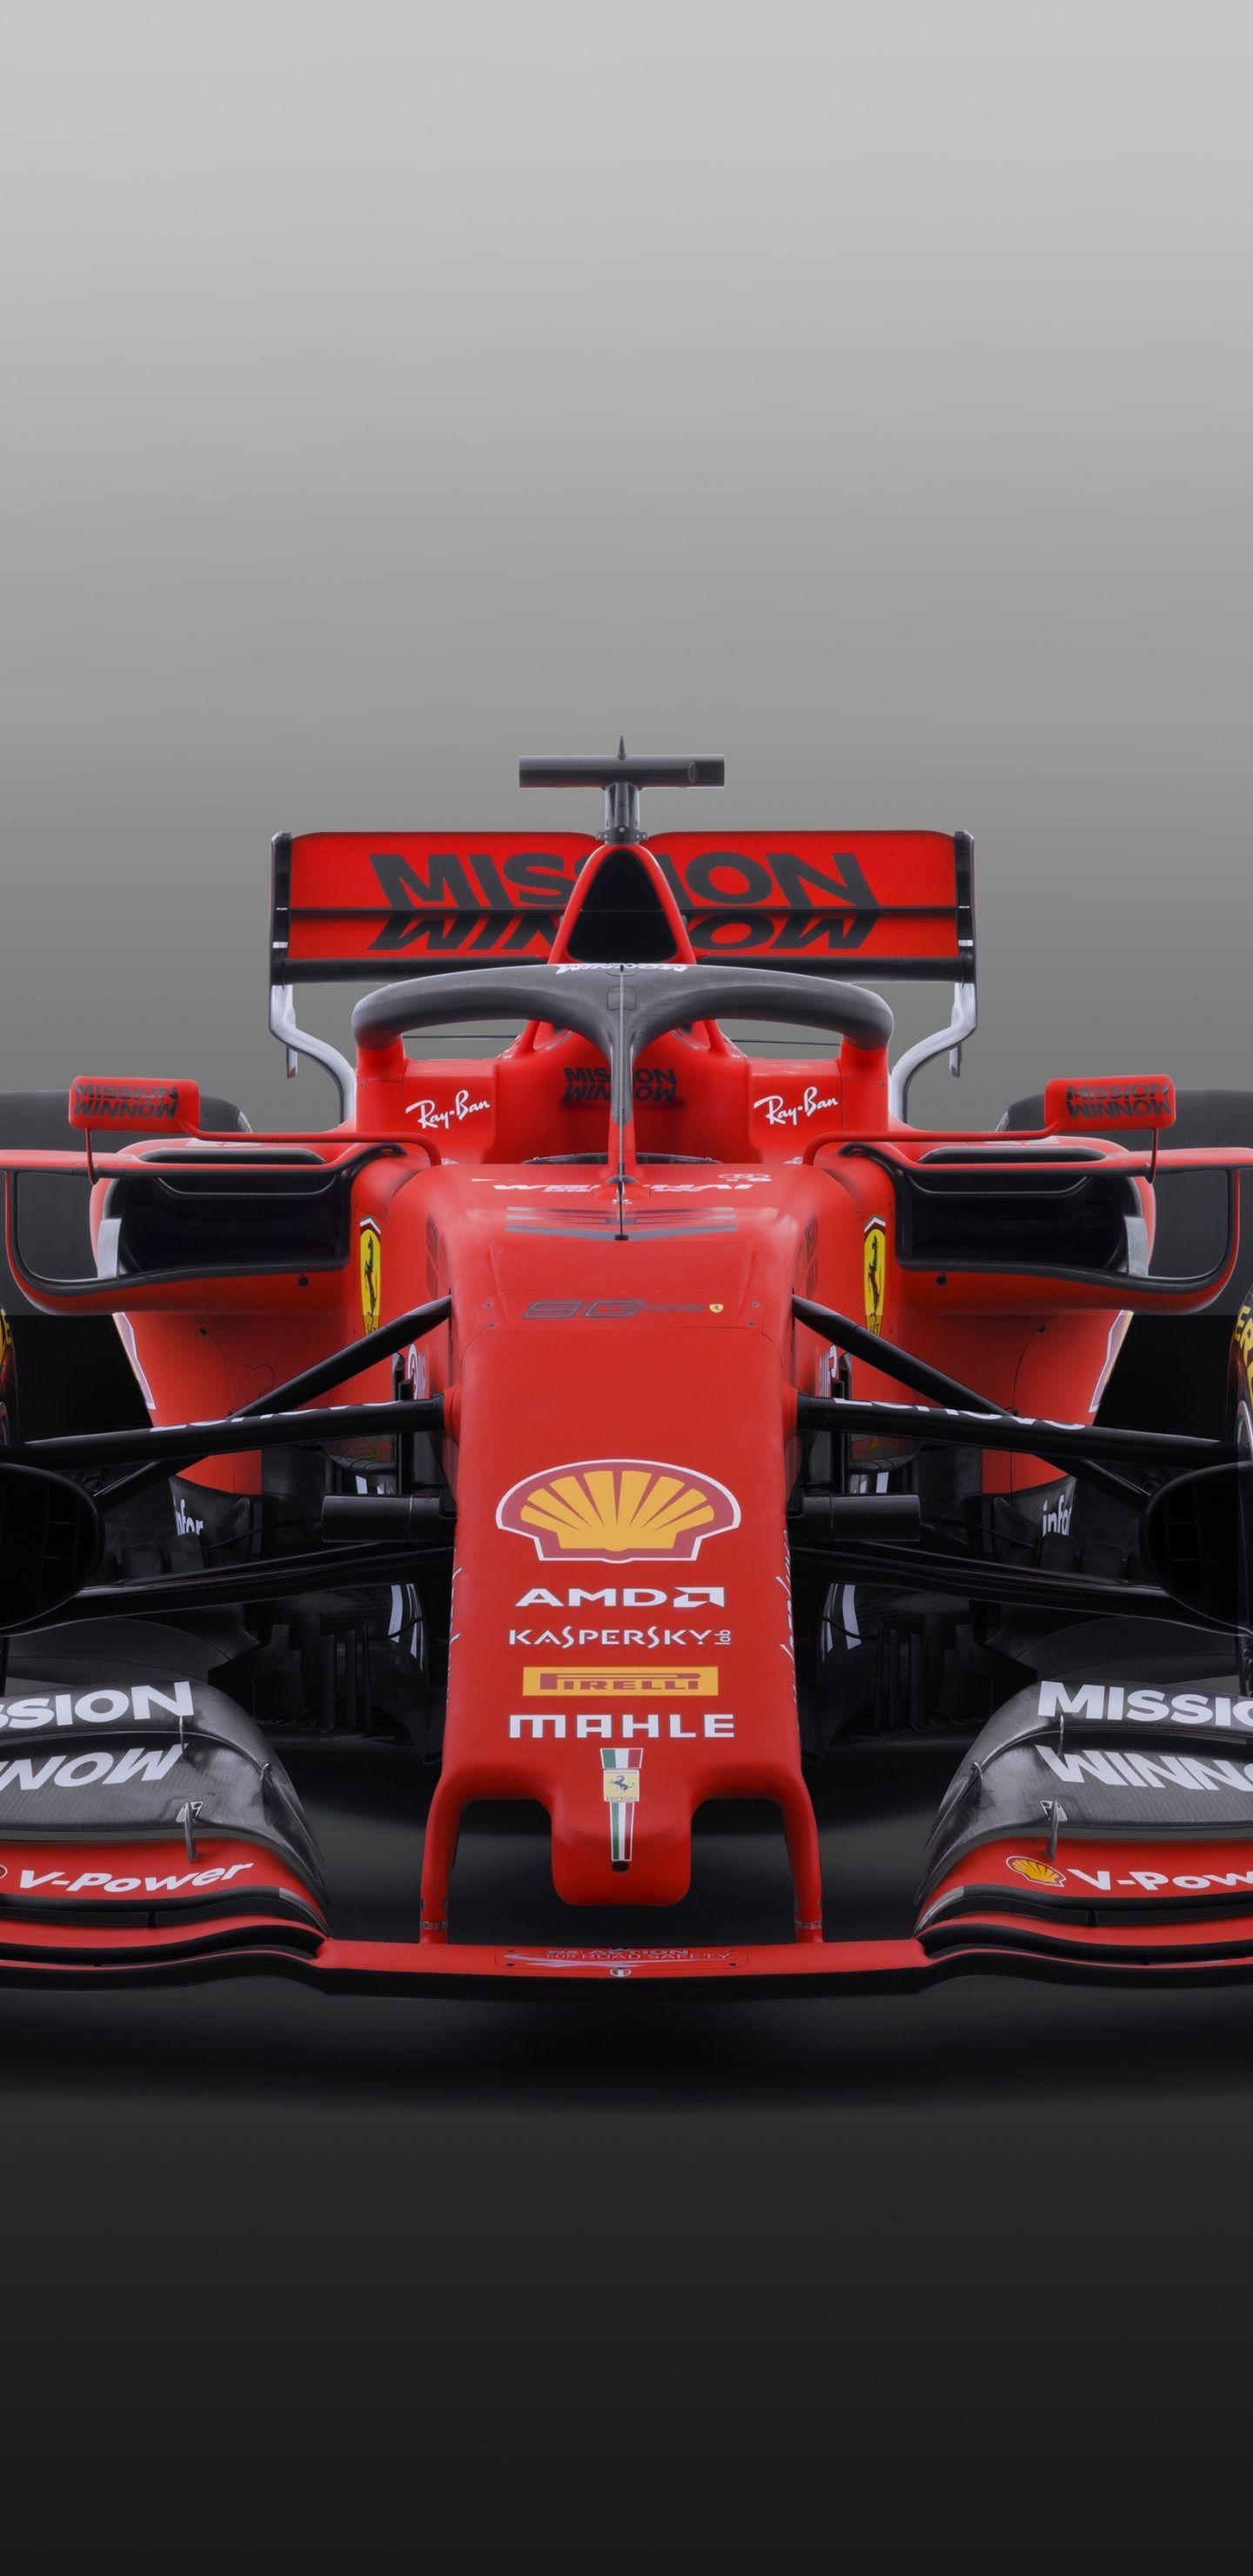 Download 1440x2960 wallpaper 2019 Ferrari SF90 F1, formula